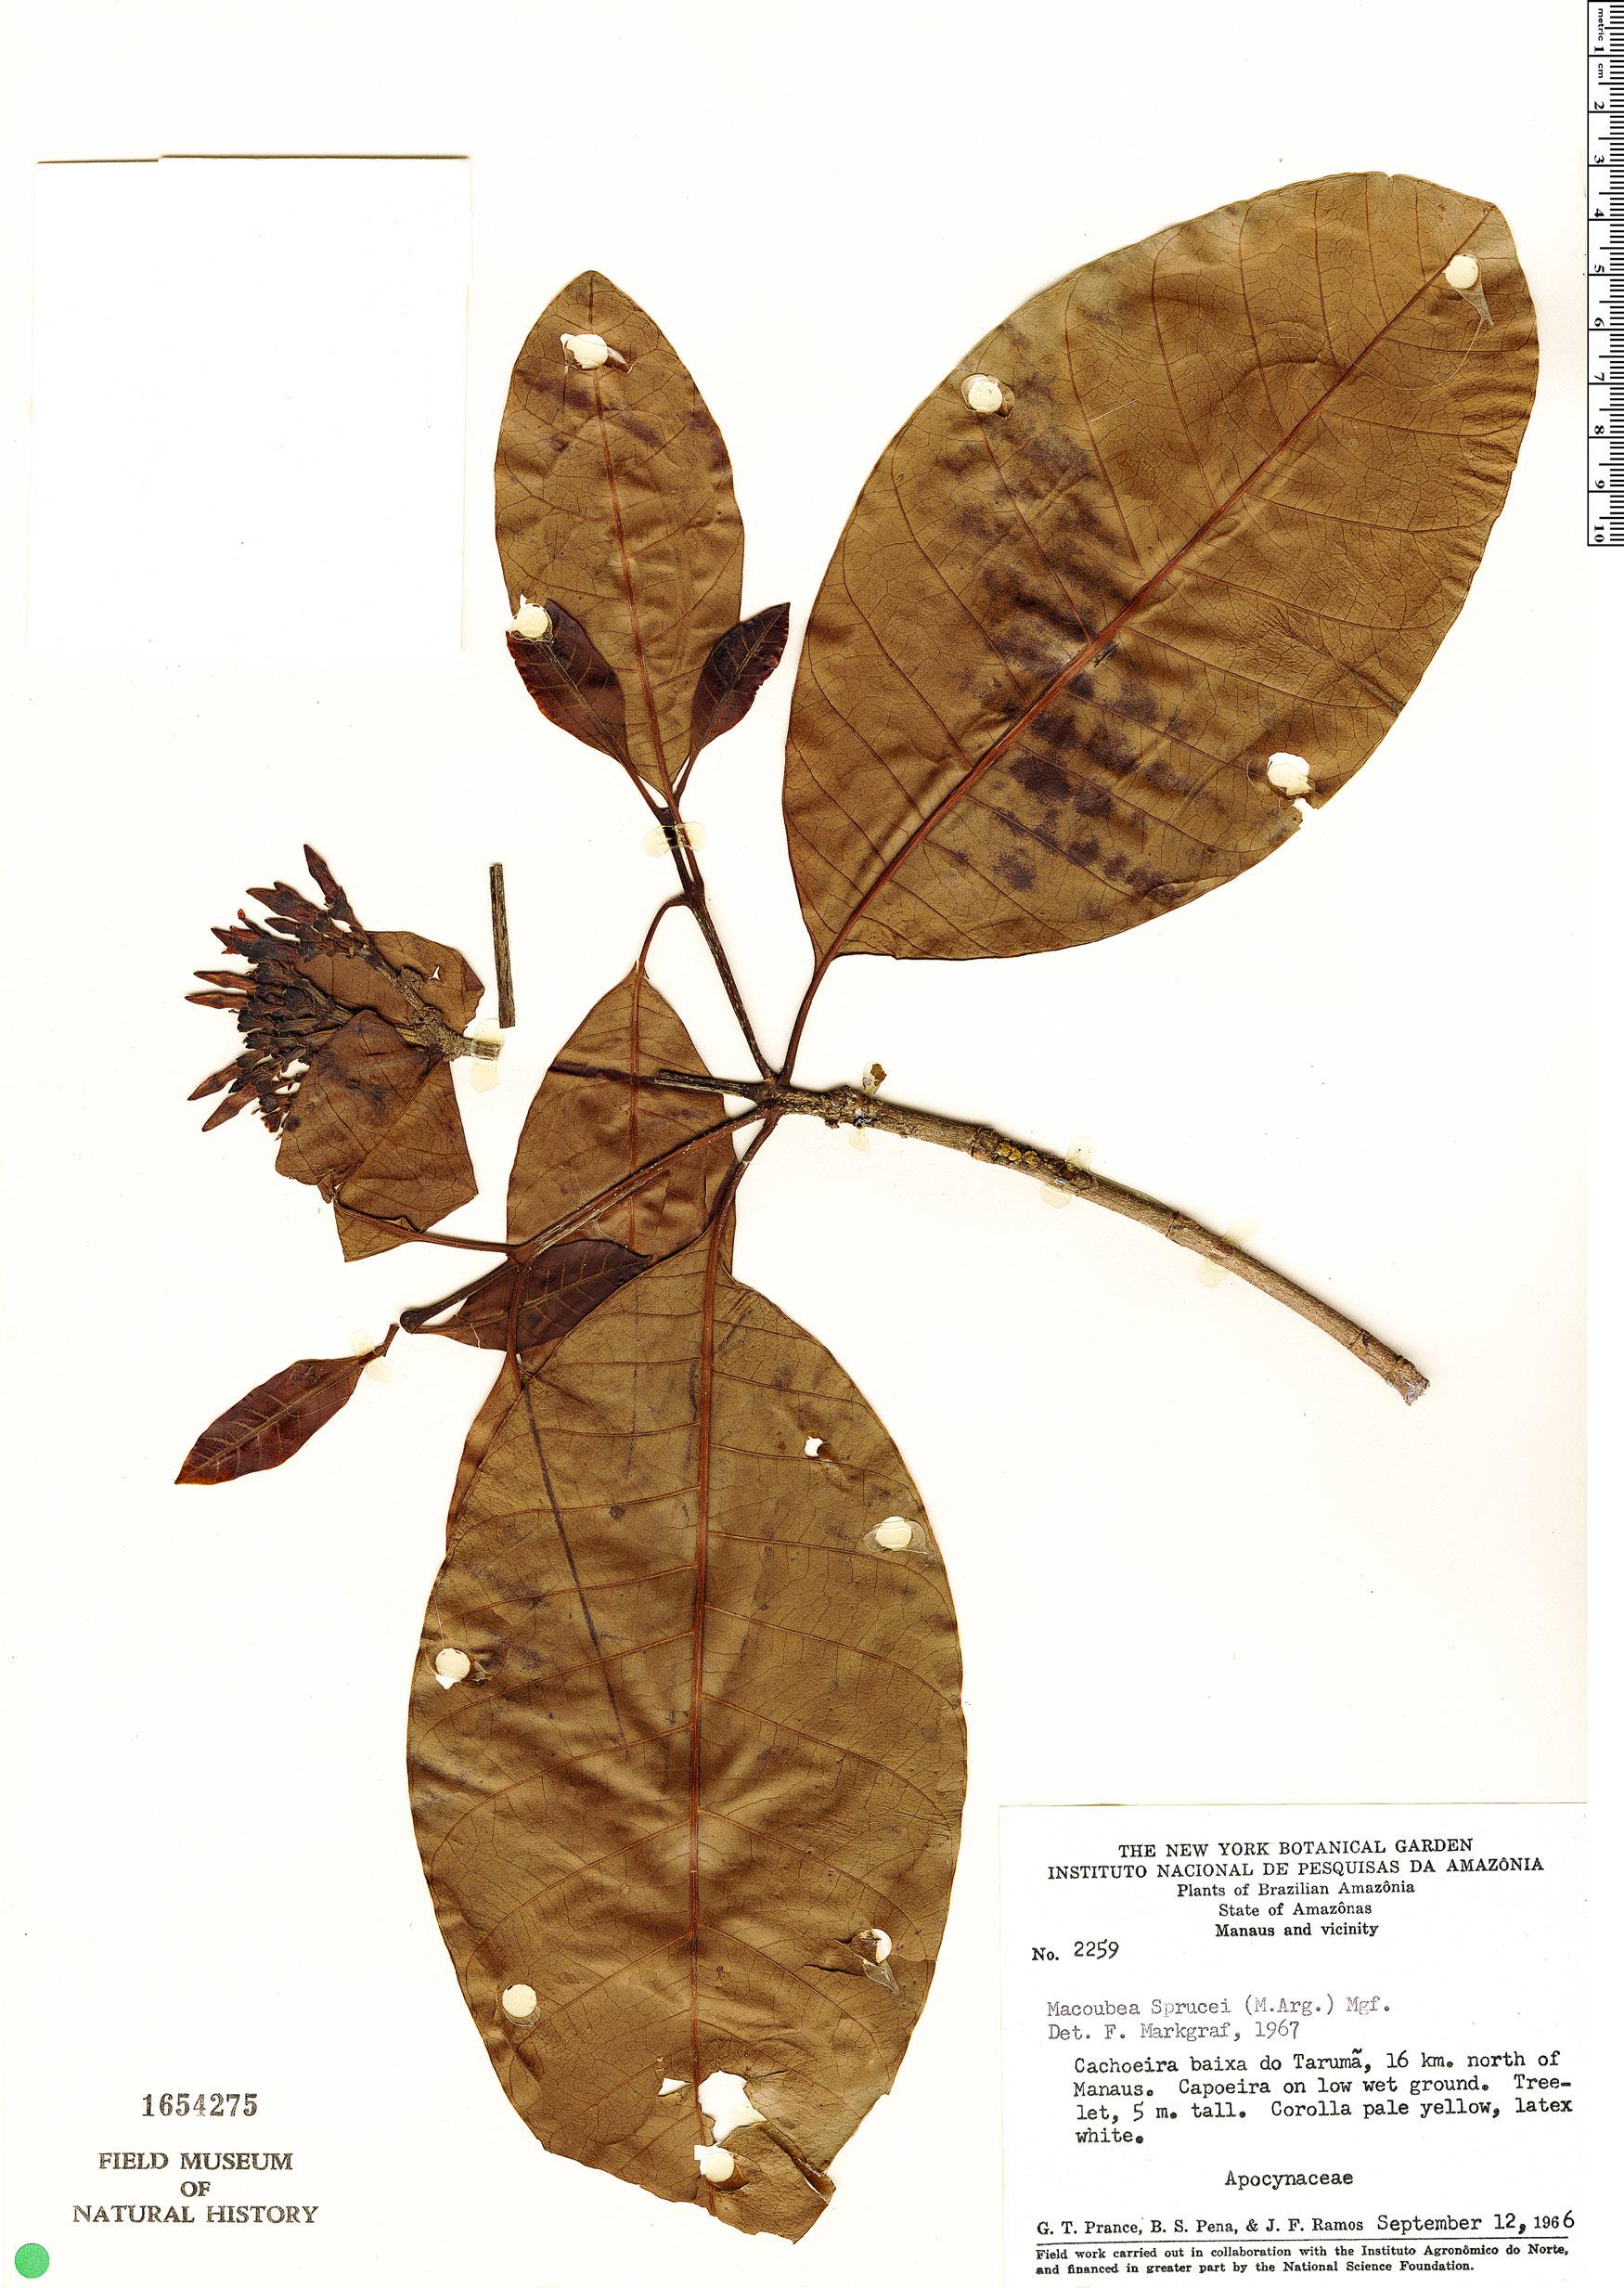 Specimen: Macoubea sprucei